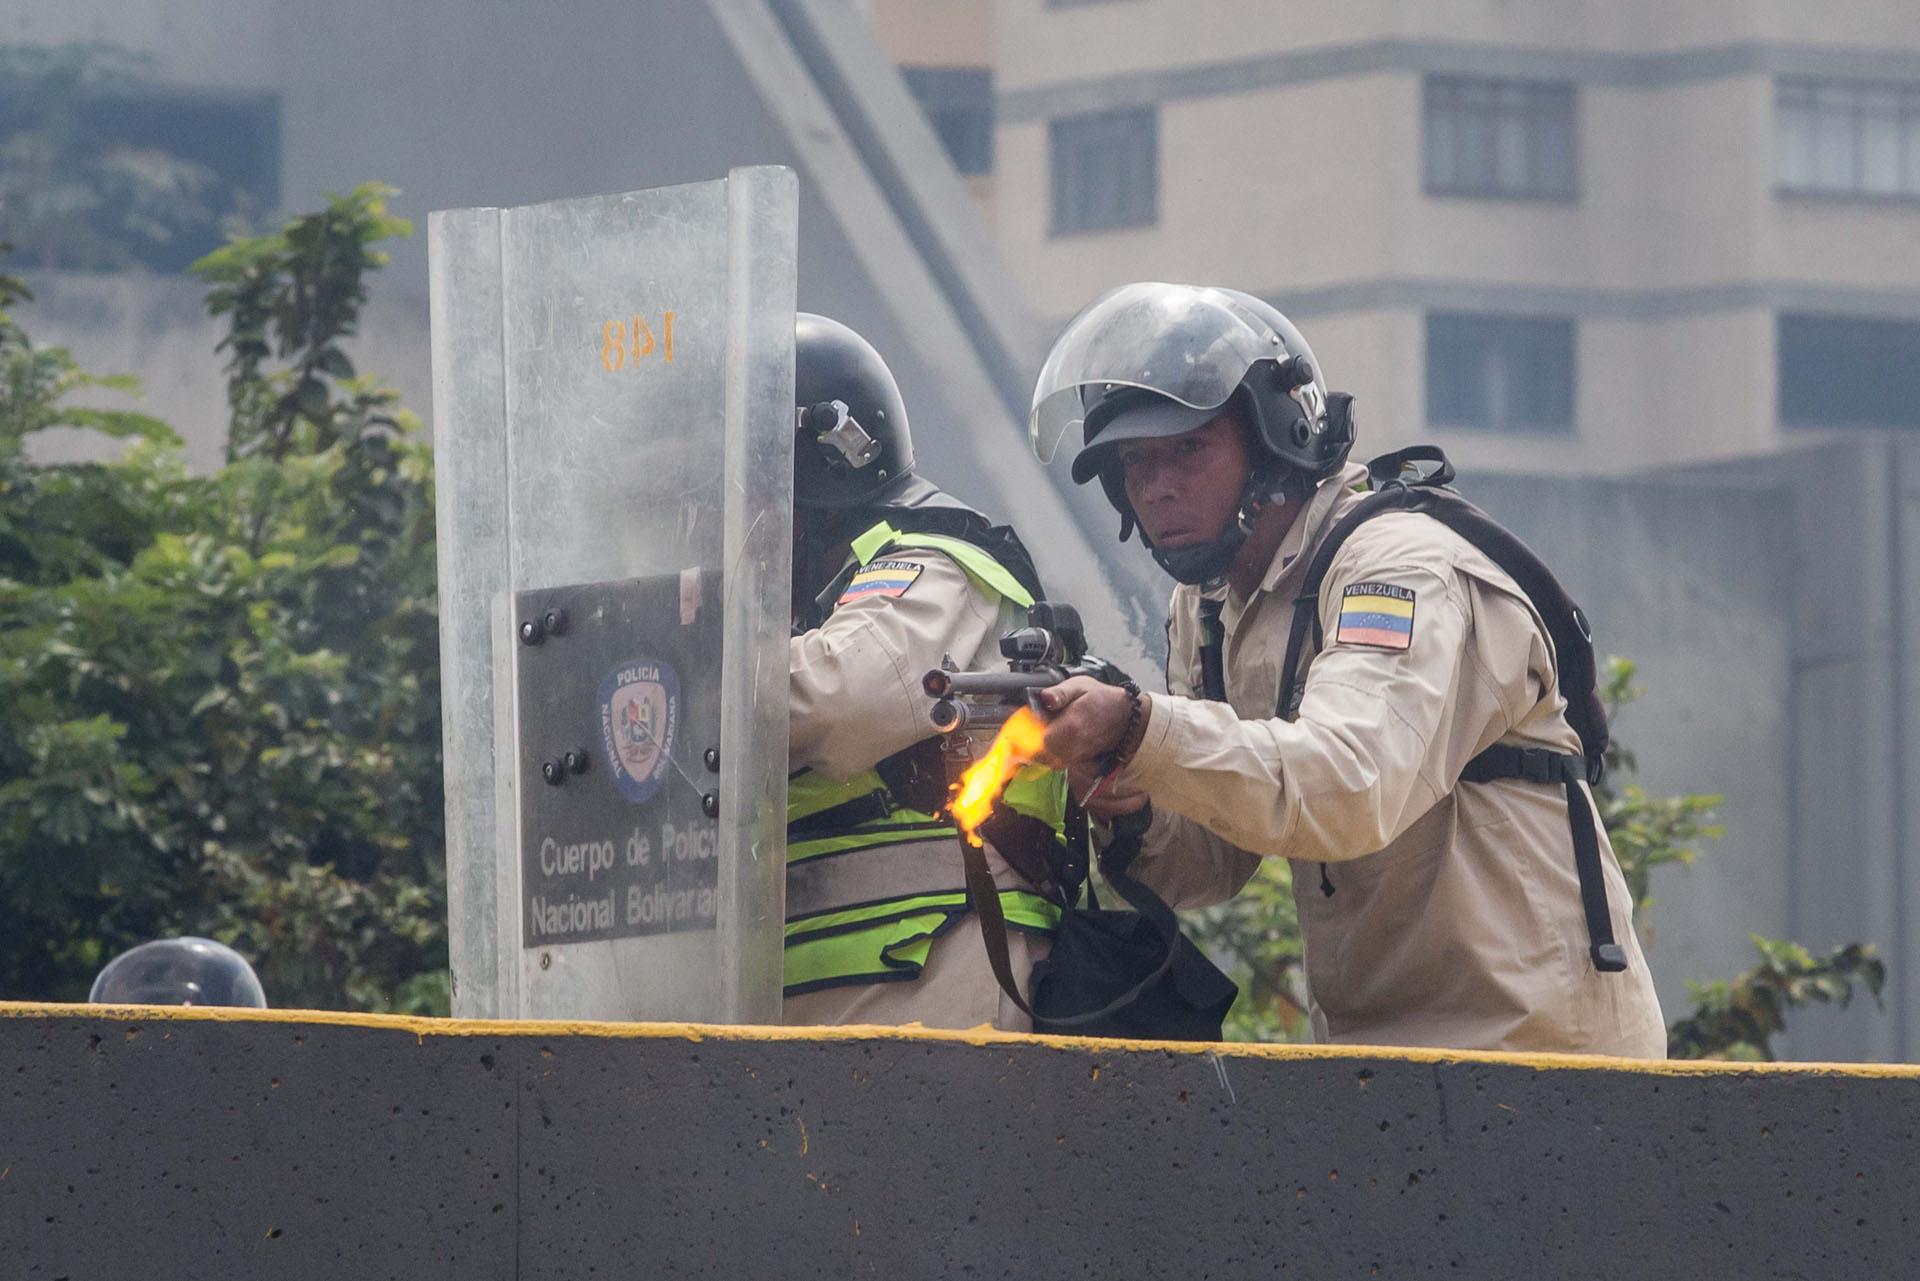 CAR01. CARACAS (VENEZUELA), 06/04/2017 - Efectivos de la Policía Nacional Bolivariana (PNB) dispersan una manifestación de opositores al gobierno de Nicolás Maduro hoy, jueves 6 de abril de 2017, en Caracas (Venezuela). La Policía Nacional Bolivariana (PNB) dispersó hoy con gases lacrimógenos y agua una marcha opositora en Caracas que pretendía llegar hasta la Defensoría del Pueblo para pedir su respaldo al proceso iniciado por el Parlamento contra siete magistrados del Tribunal Supremo de Justicia (TSJ). EFE/MIGUEL GUTIERREZ